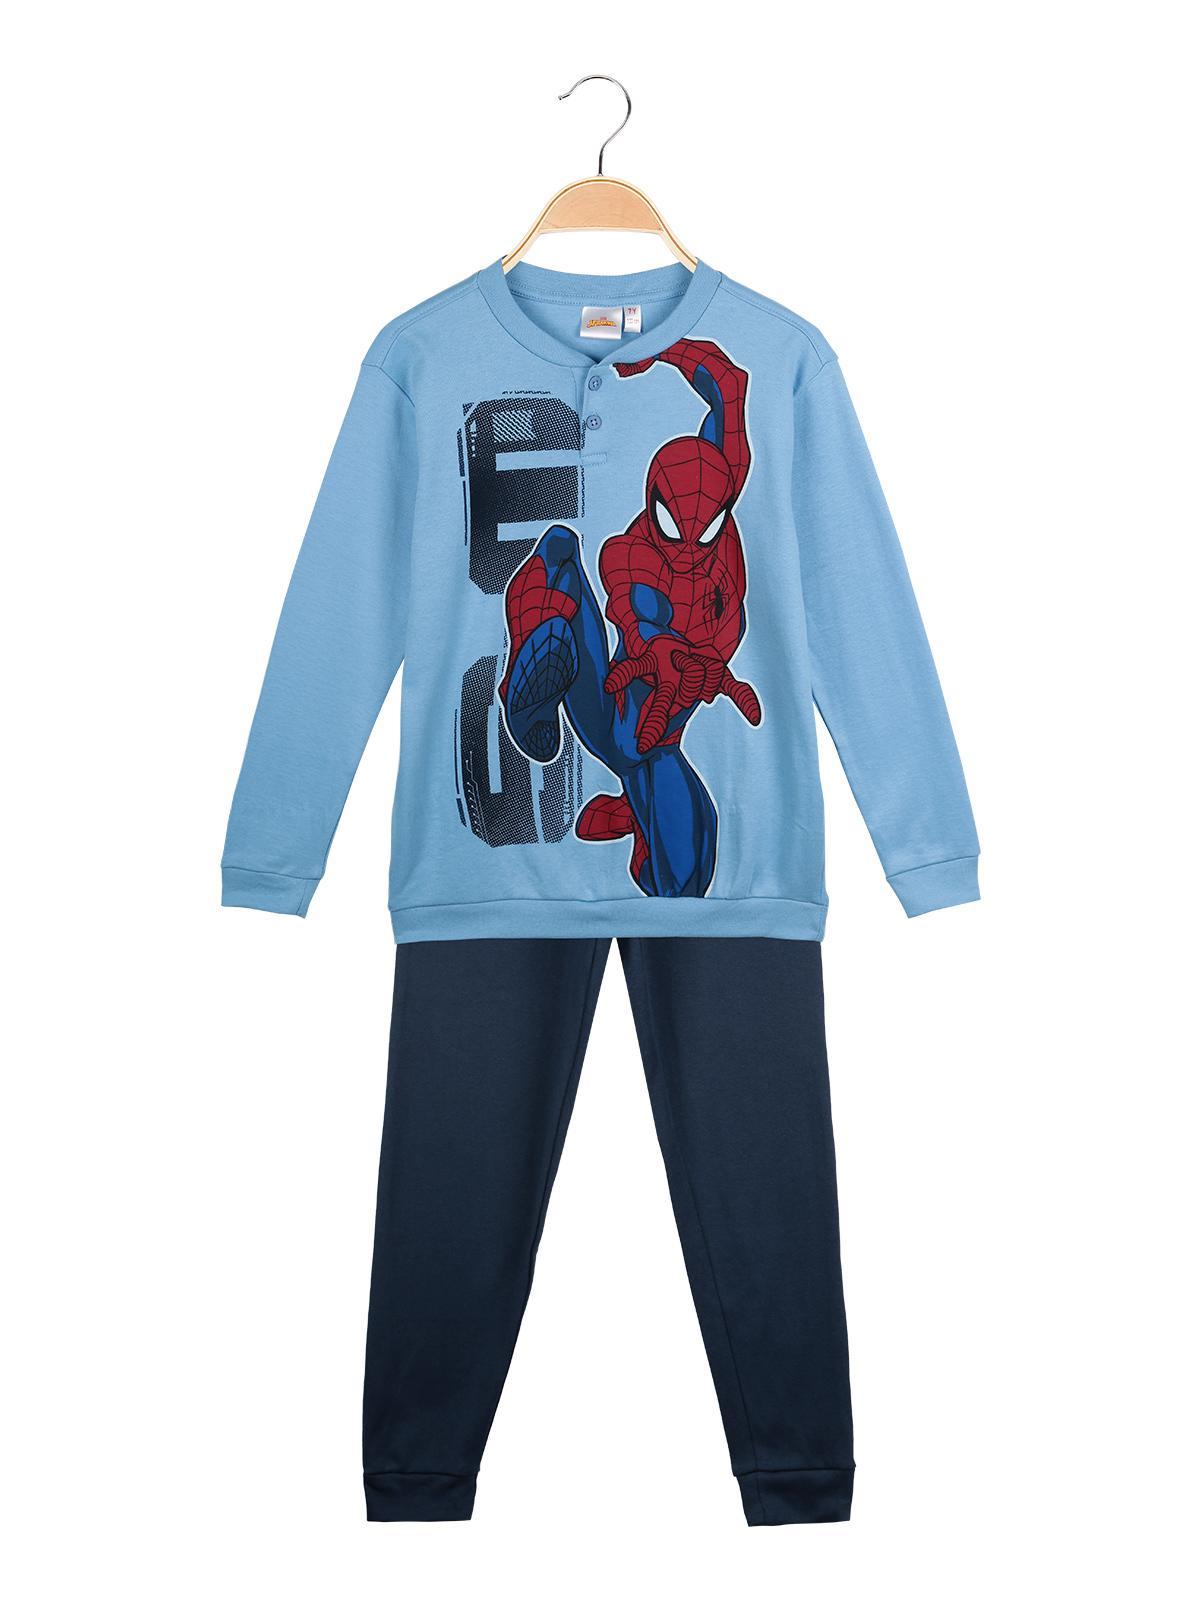 Spiderman Chicos Pijama mangas cortas Negro